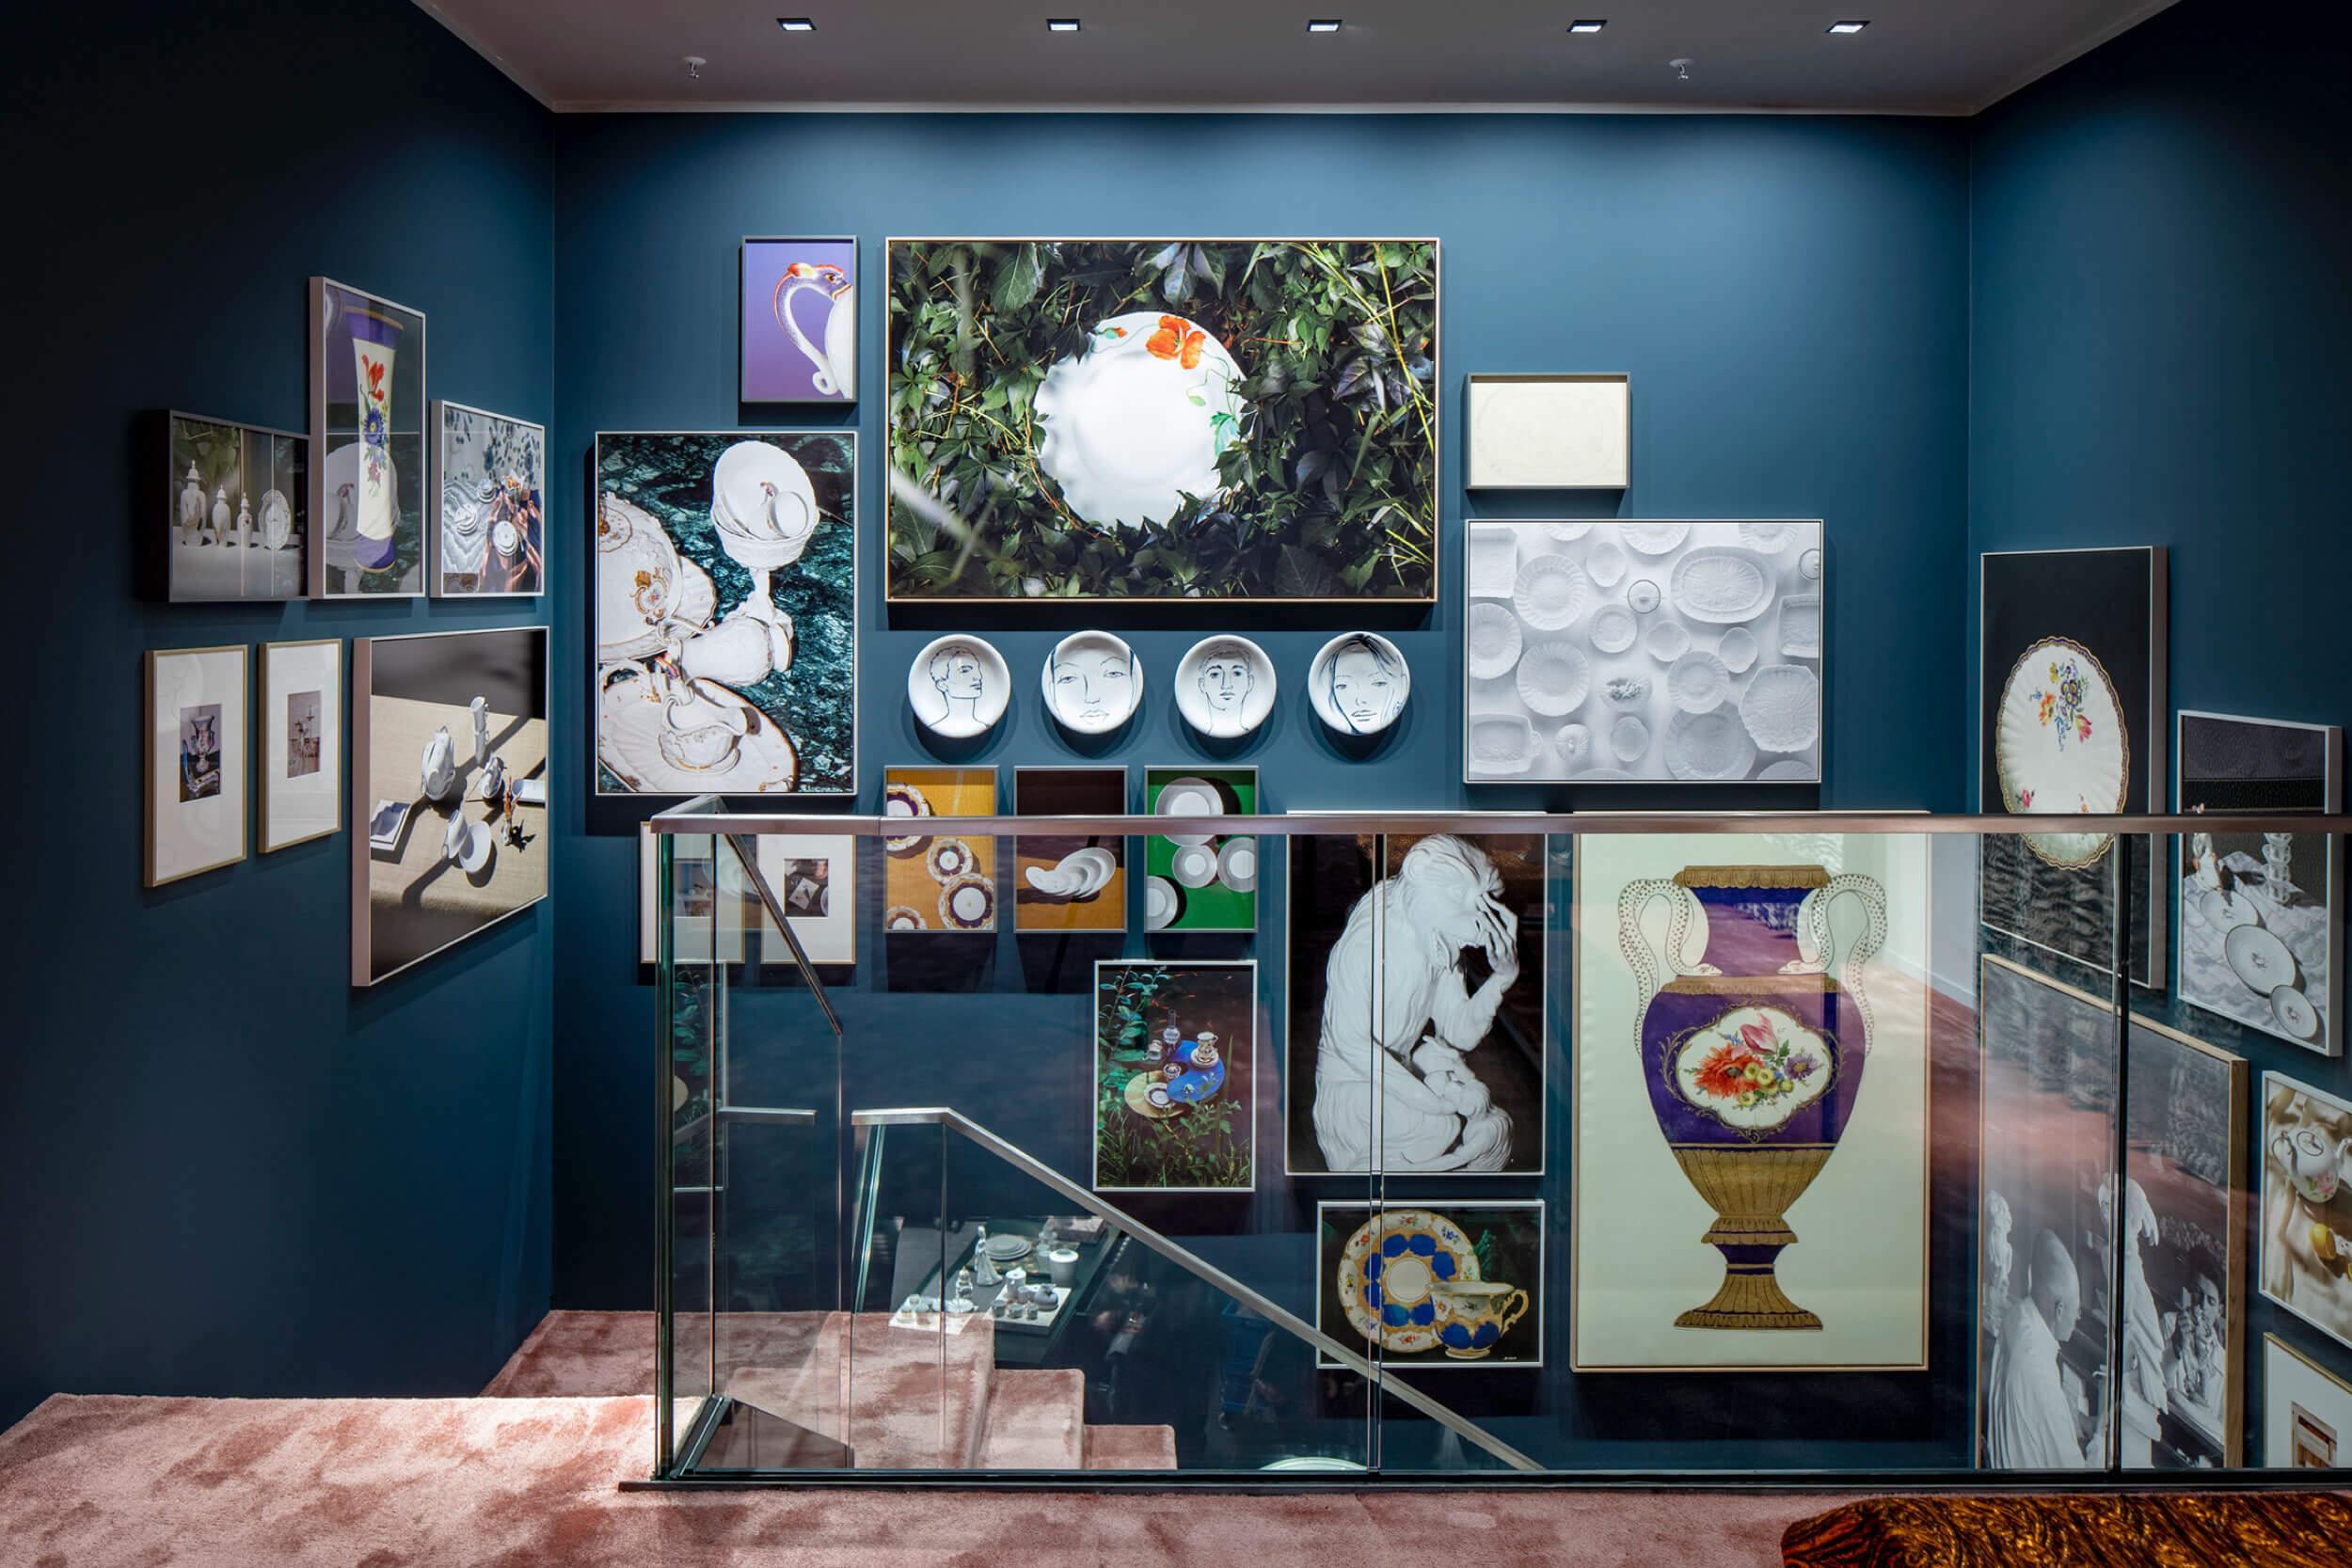 Wanddekoration mit Bildern und Porzellantellern von Meissen